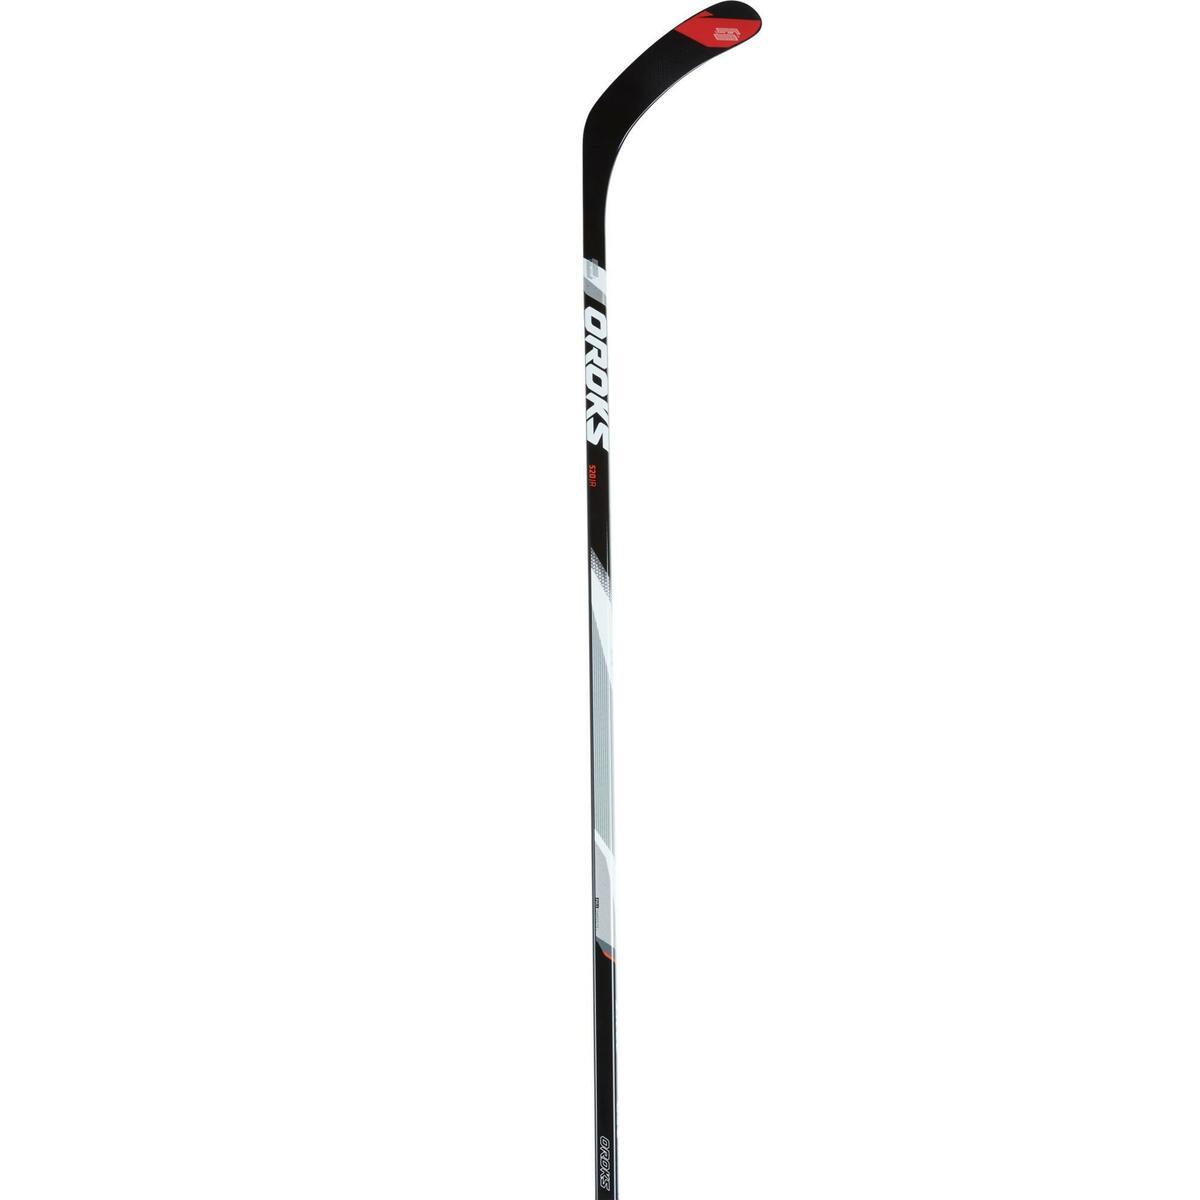 Bild 1 von Hockeyschläger 520 Kinder